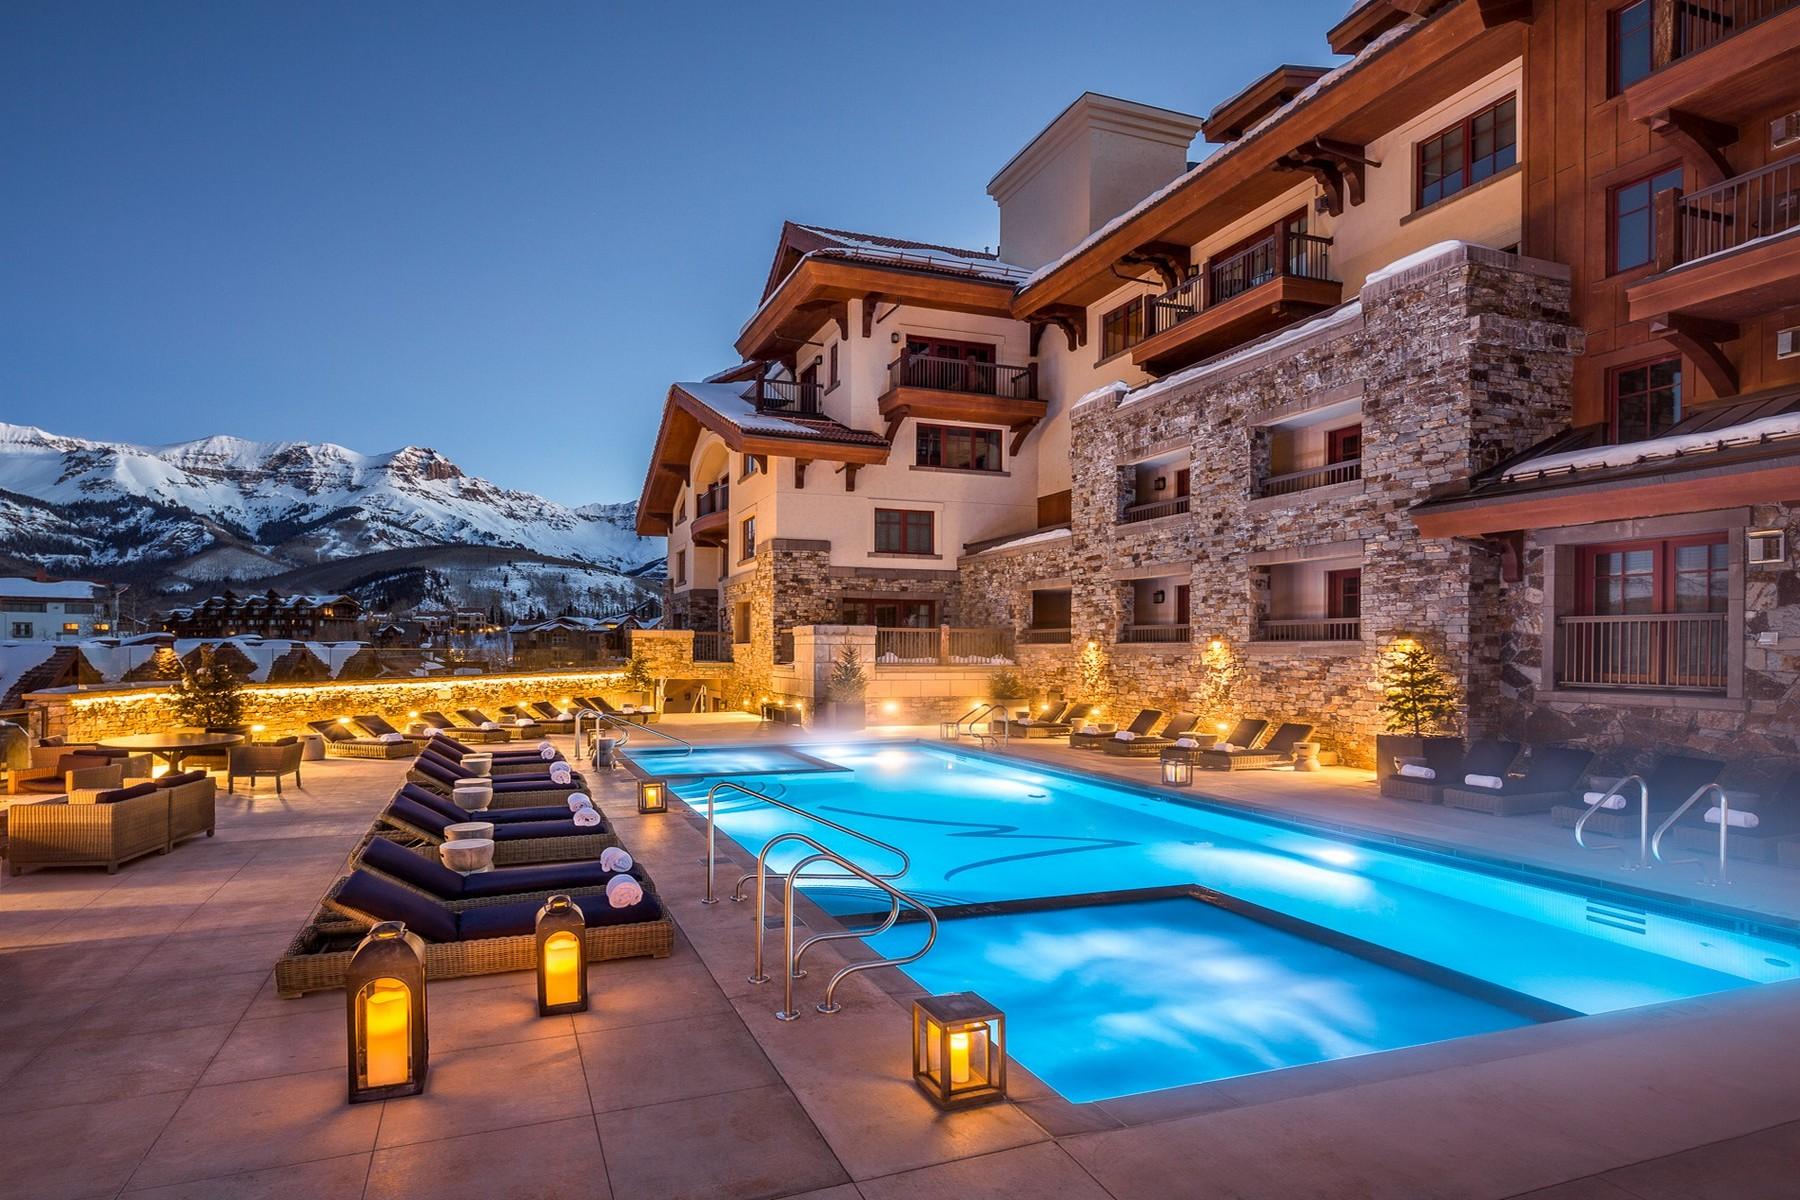 Proprietà in vendita Mountain Village